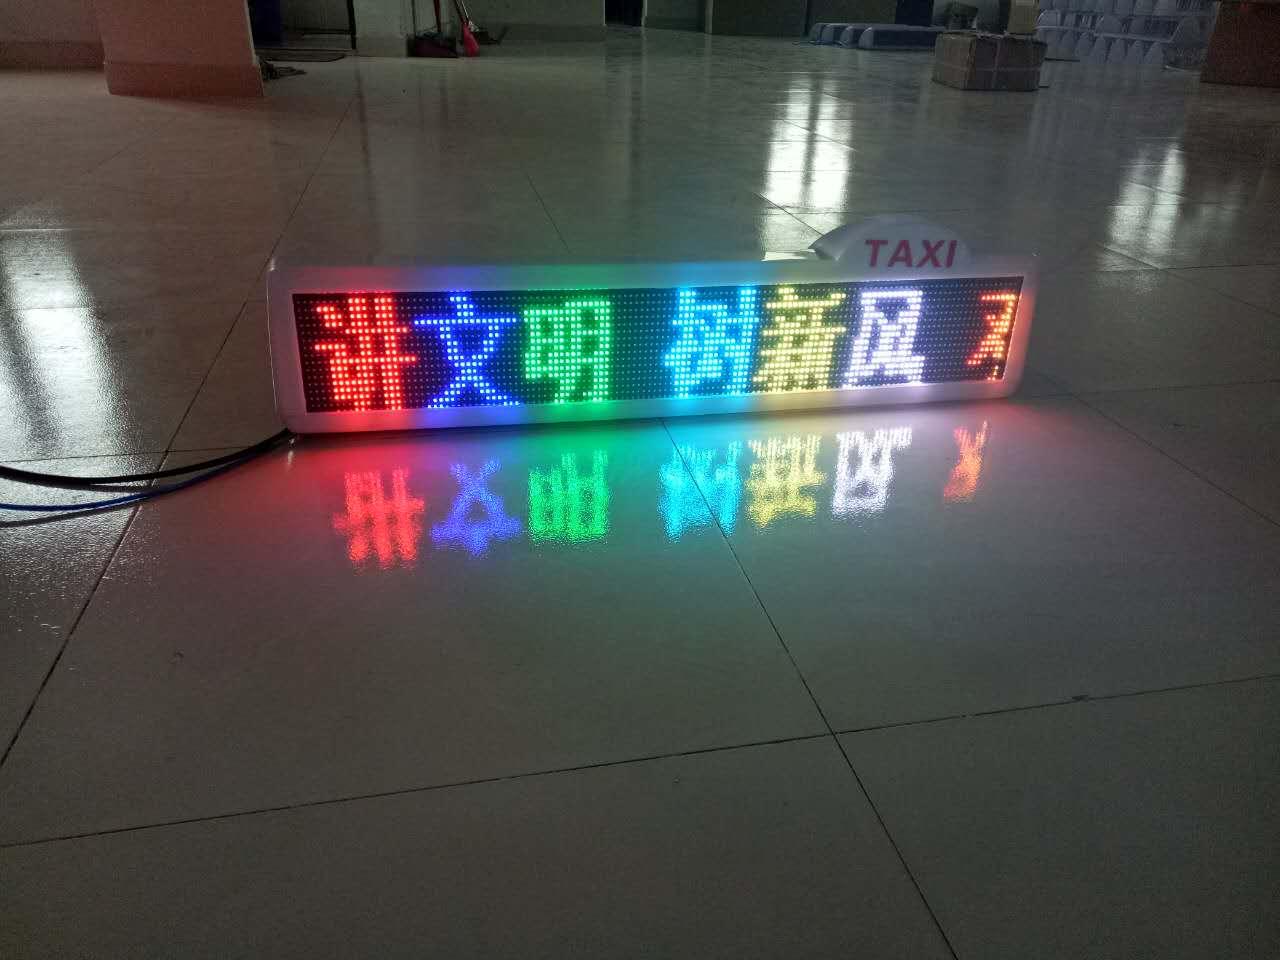 出租车彩色LED电子屏哪个厂家的质量比较稳定?